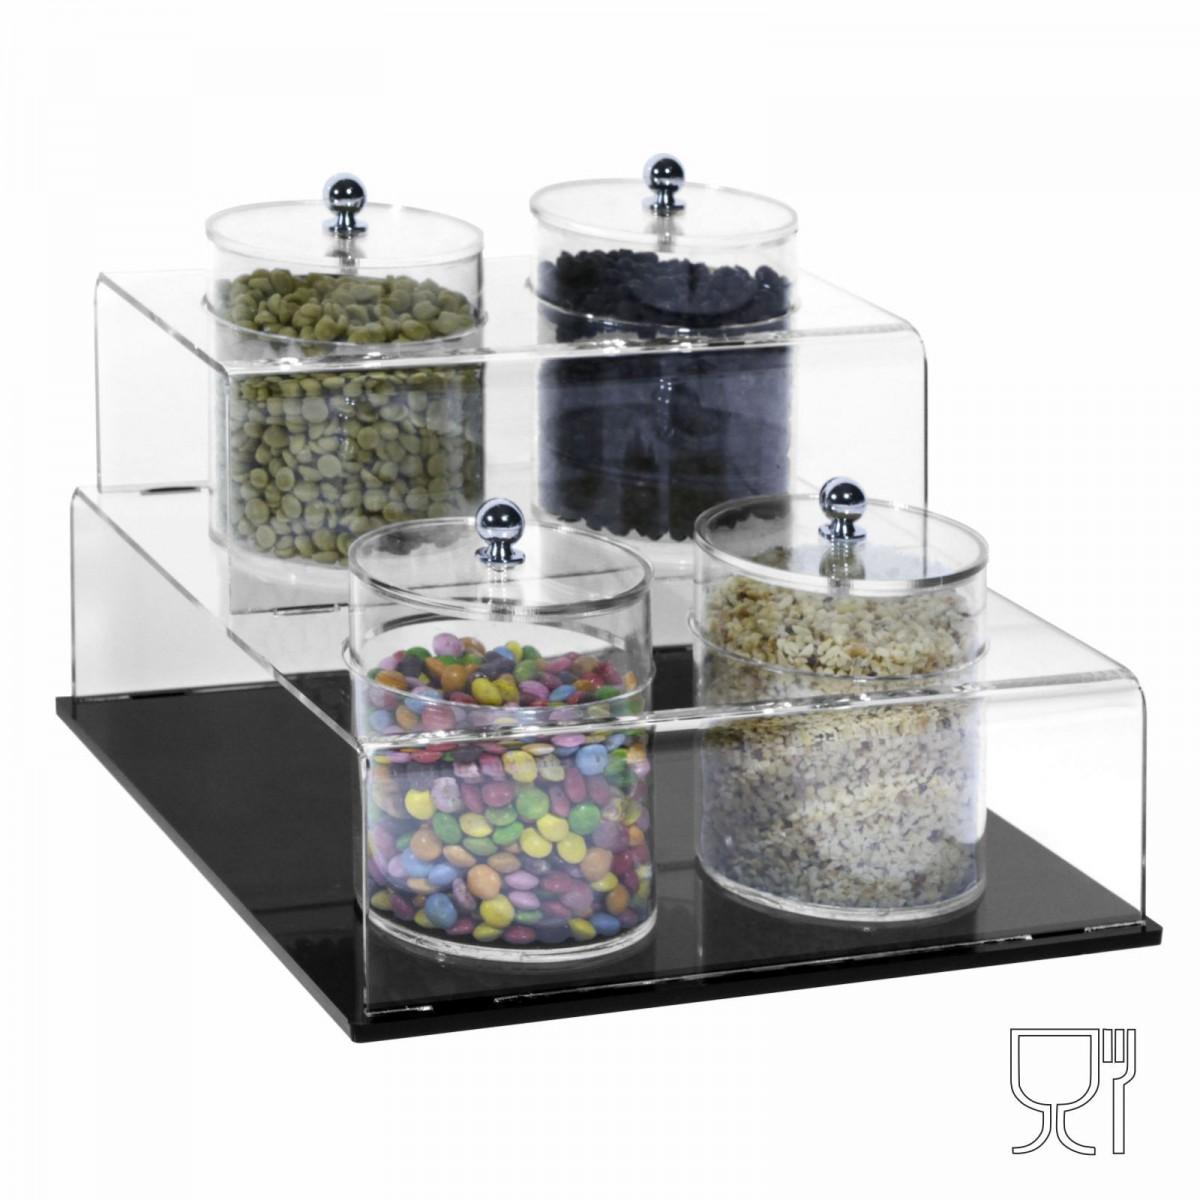 Prèsentoir pour grains de noisettes, pistaches etc. en plexi trasparent avec base noire et compartim